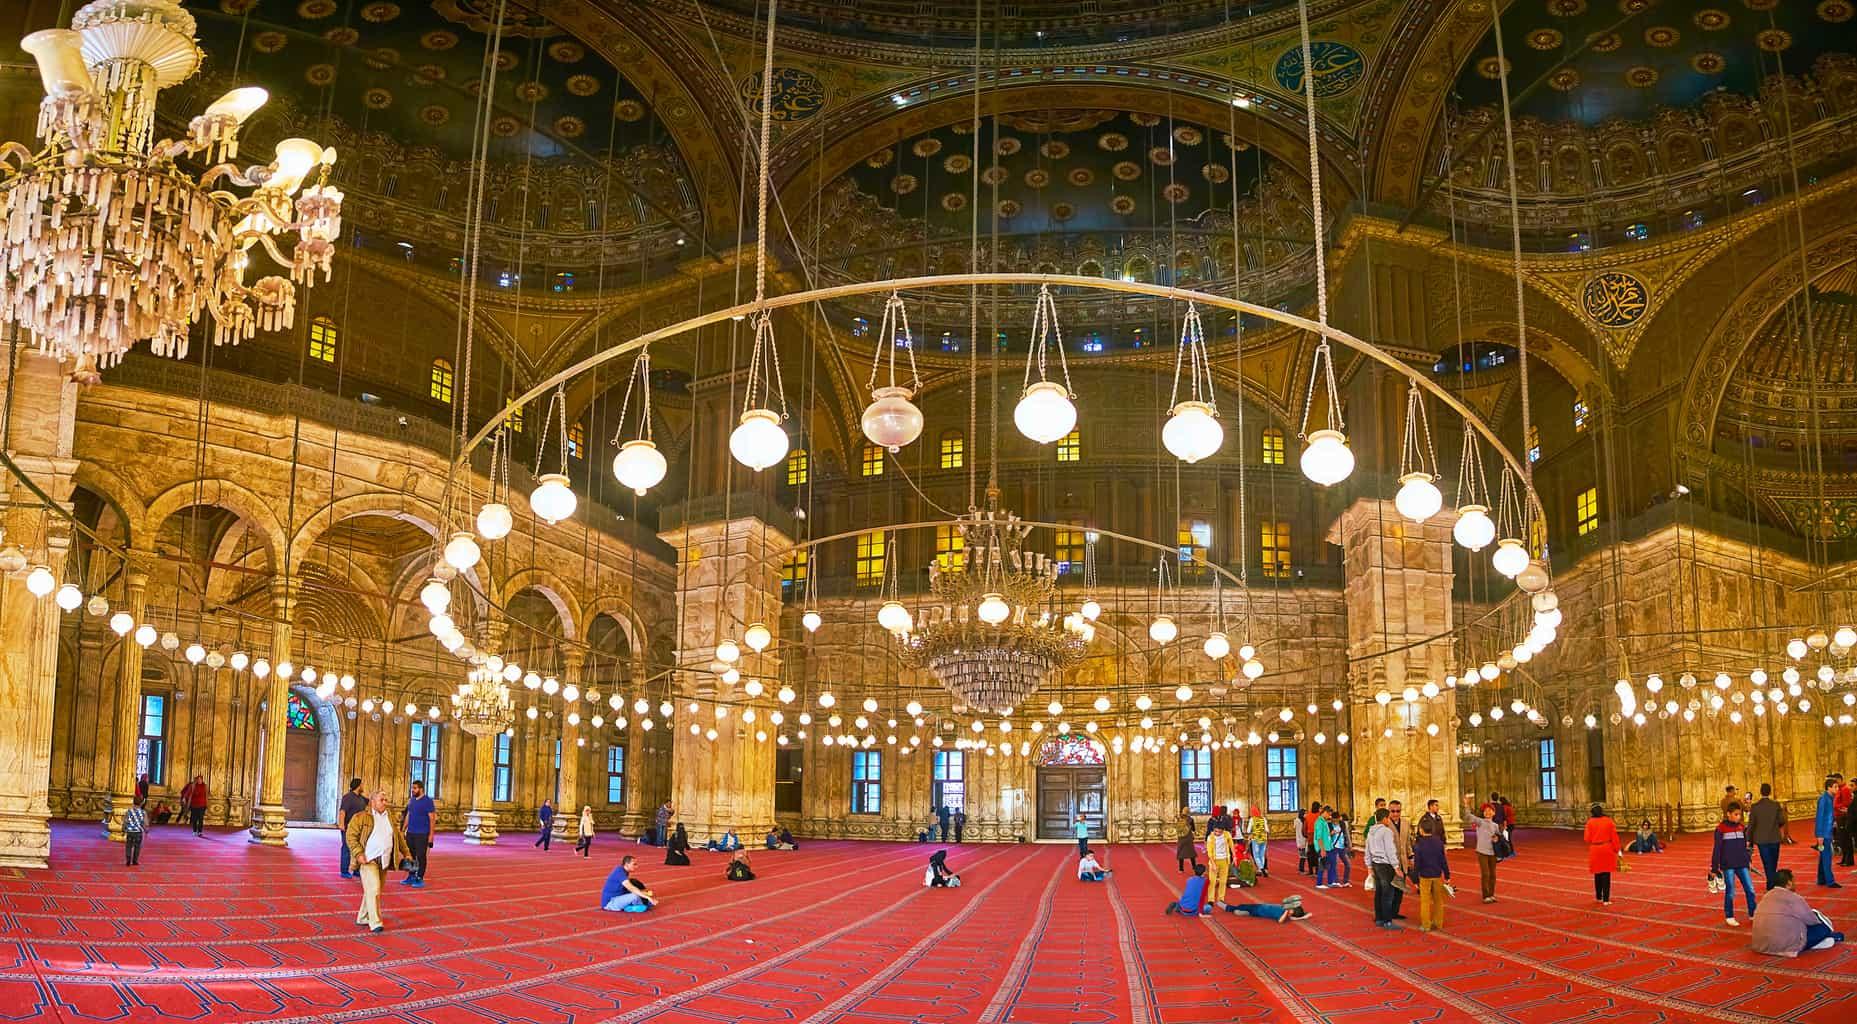 O-interior-da-Mesquita-de-Muhammad-Ali-é-tão-impressionante-quanto-a-sua-arquitetura-externa.